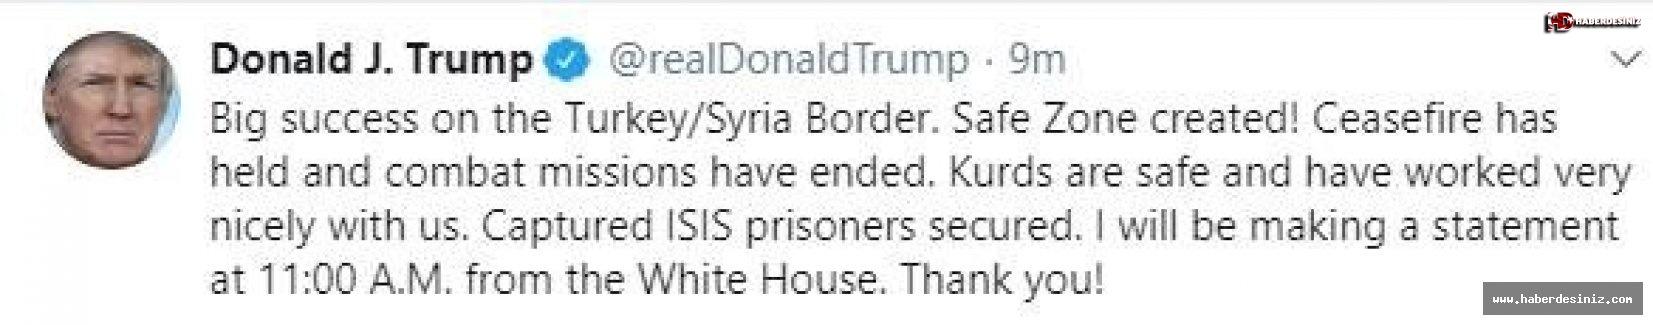 ABD Başkanı Donald Trump'tan açıklama.